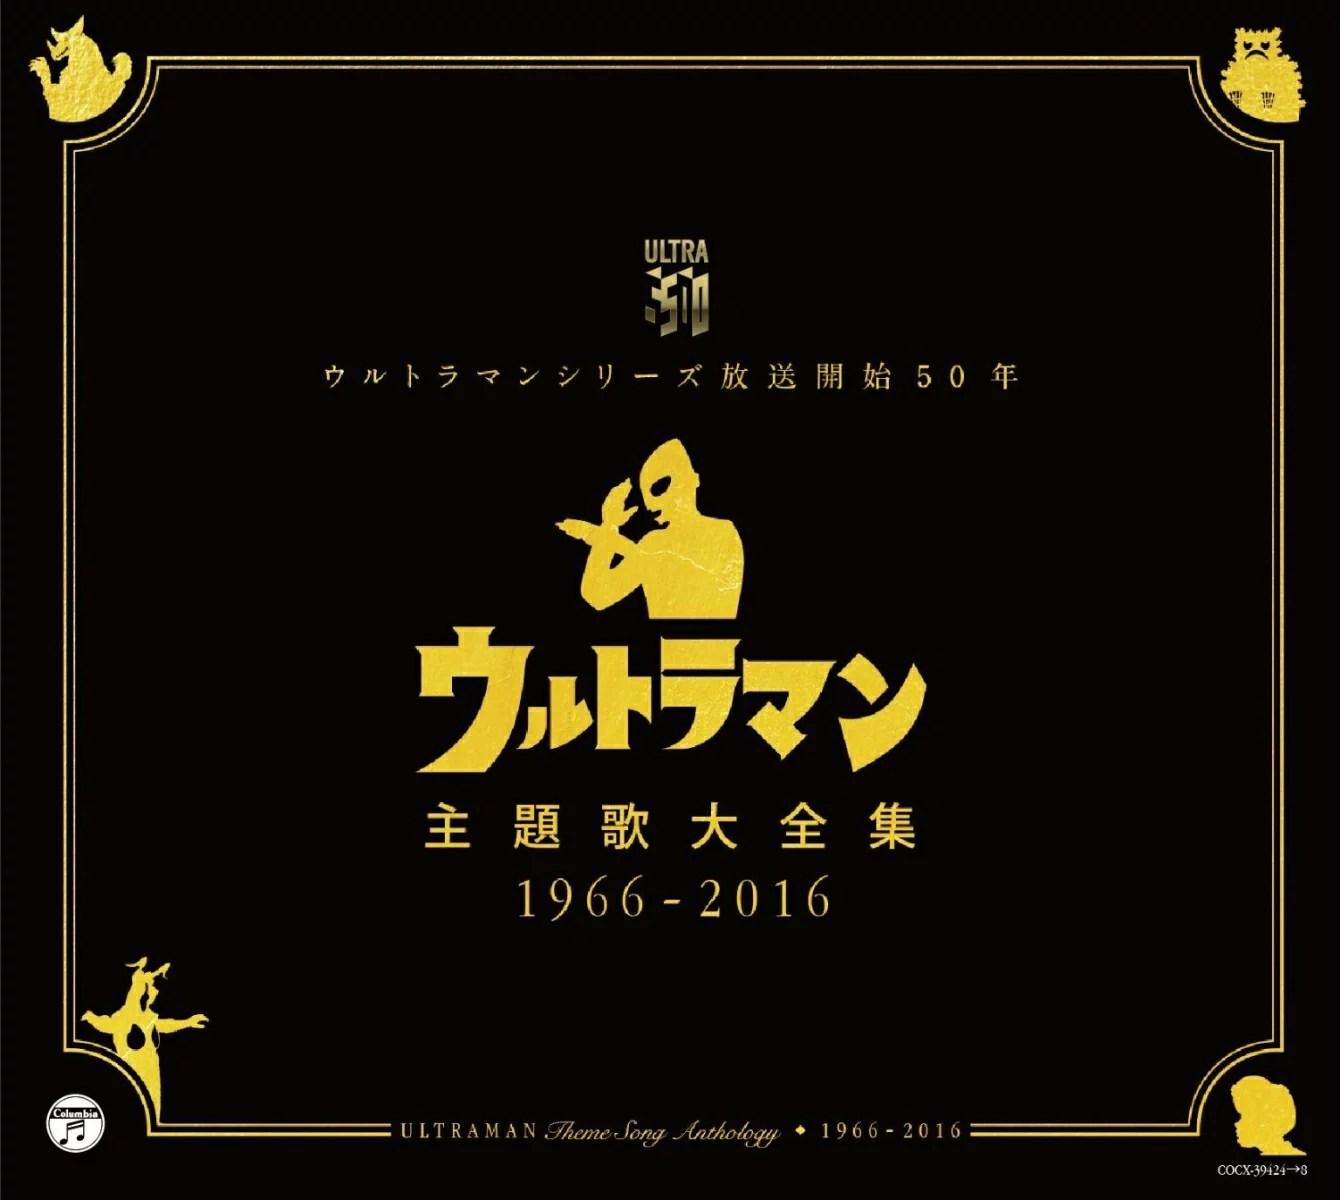 ウルトラマンシリーズ放送開始50年 ウルトラマン 主題歌大全集 1966-2016 [ (特撮) ]